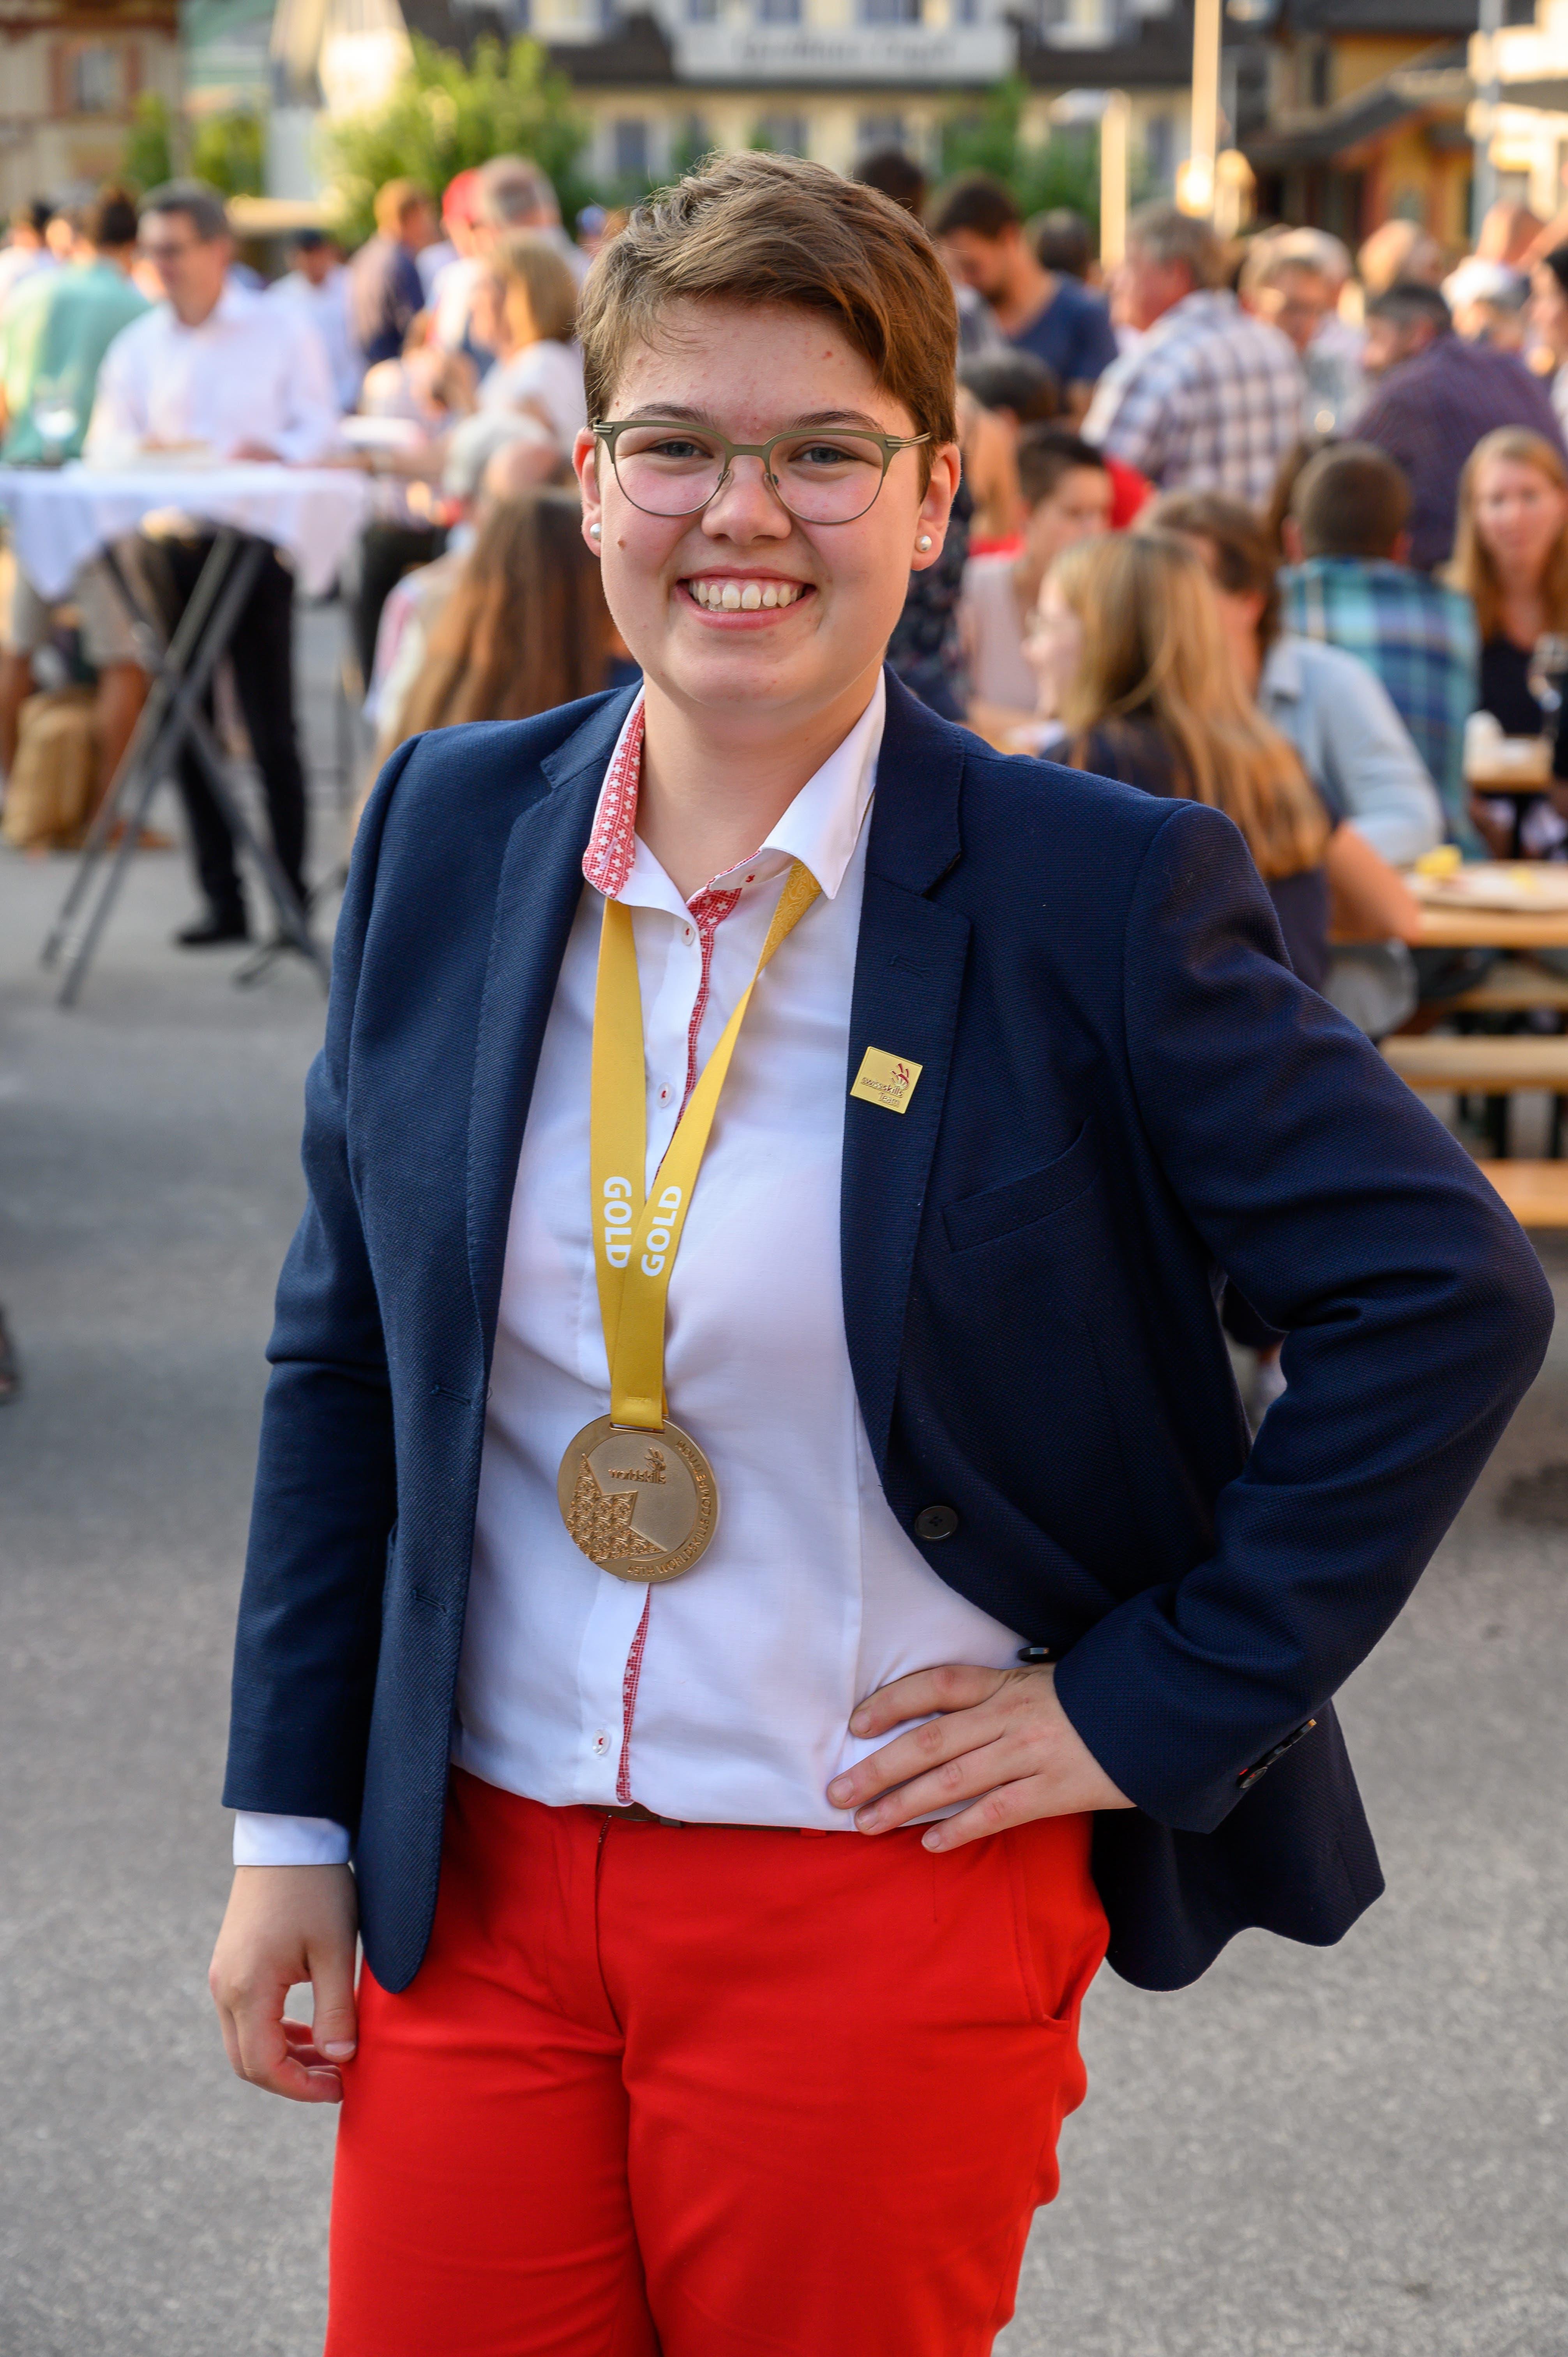 Sonja Durrer aus Kerns gewann Gold als Bäckerin-Konditorin. (Bild: Izedin Arnautovic, 29. August 2019)